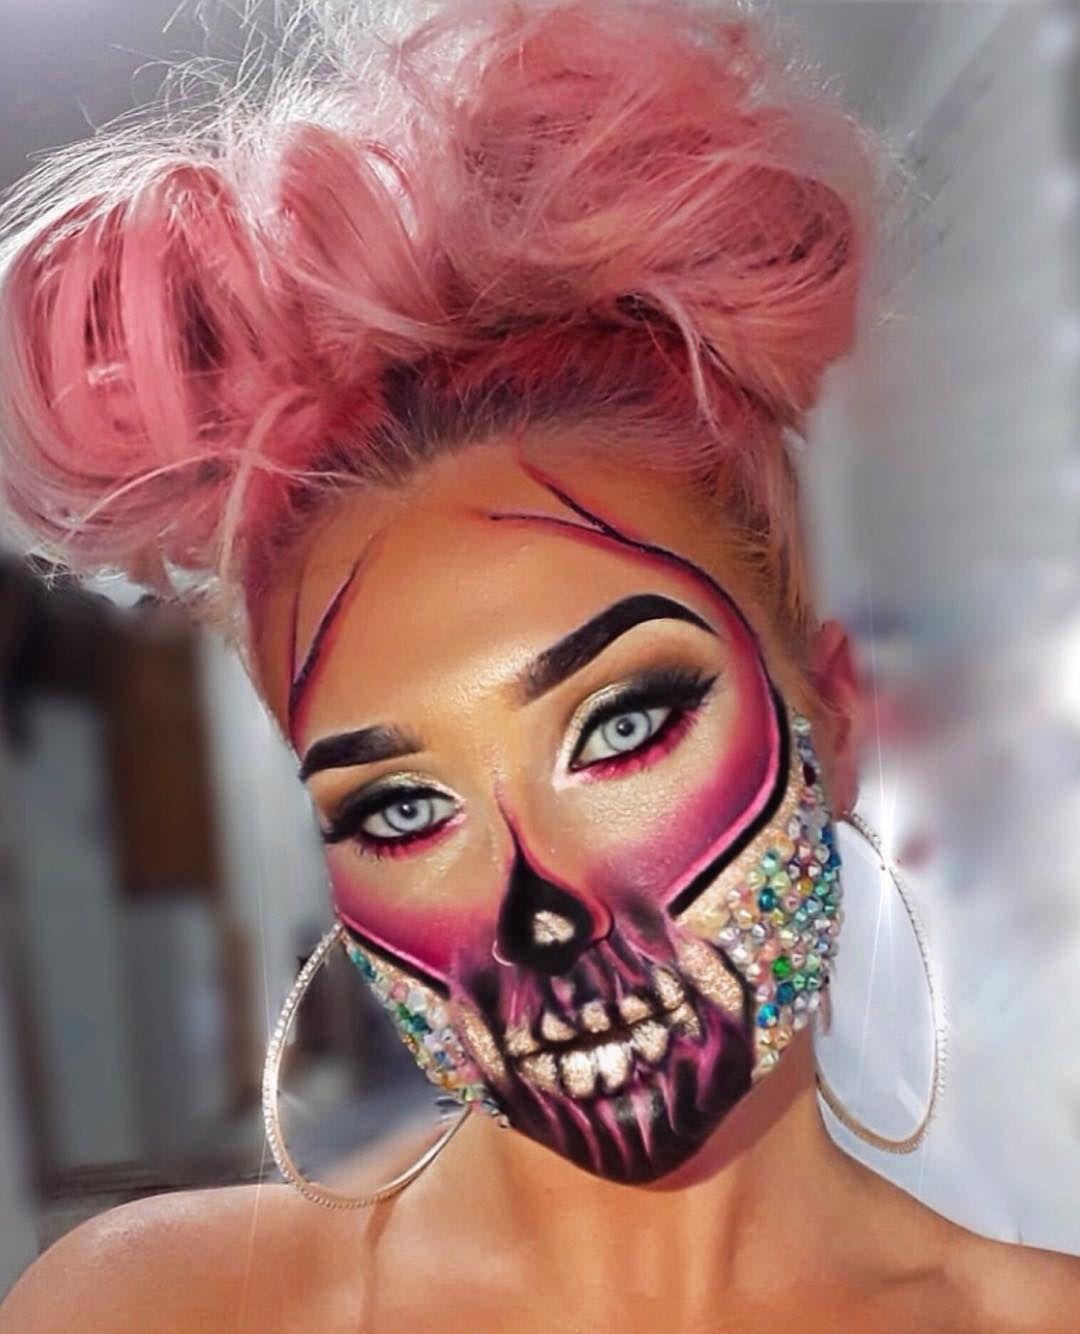 Pin by 𝕁𝕖𝕟𝕟𝕚𝕗𝕖𝕣 𝕃𝕪𝕟𝕟𝕖♛ on нαυηтє∂ вєαυту Halloween looks